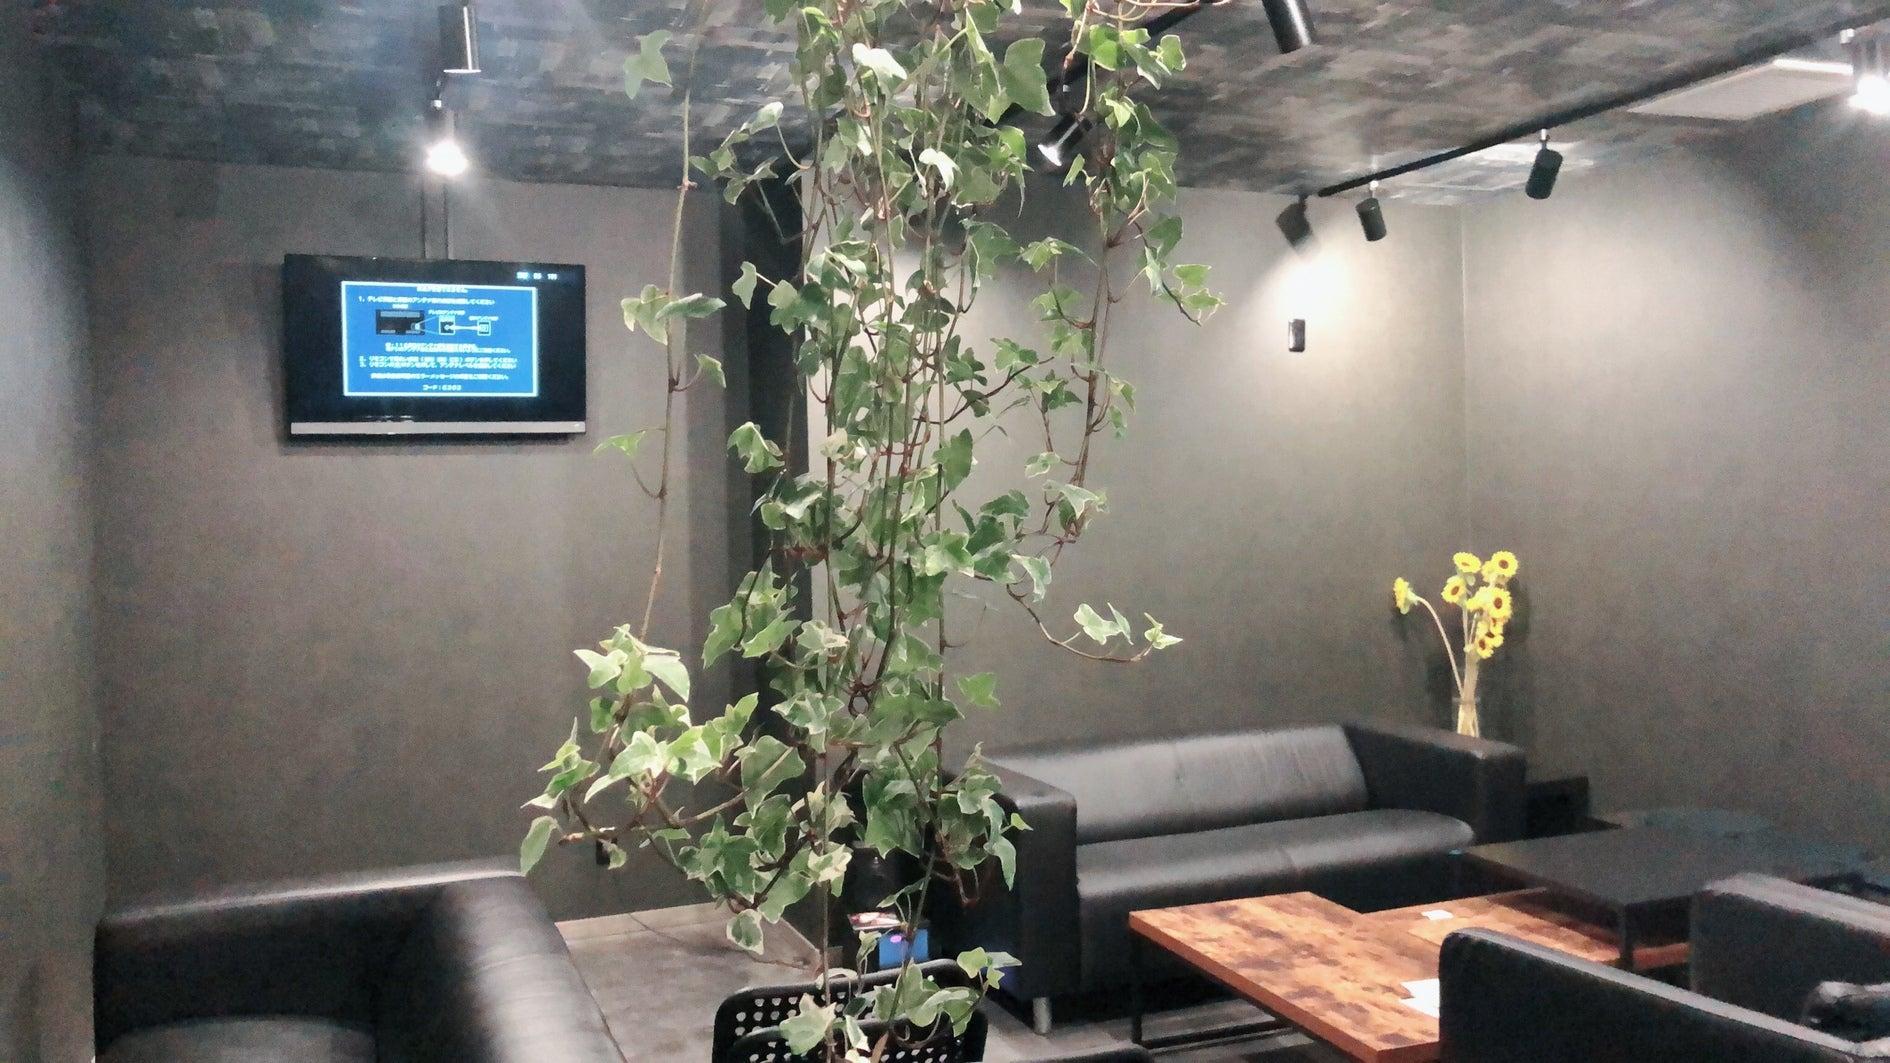 レストランと併設した多目的スペース(レストランと併設した多目的スペースだからイベントに料理提供できるサービスあり!) の写真0